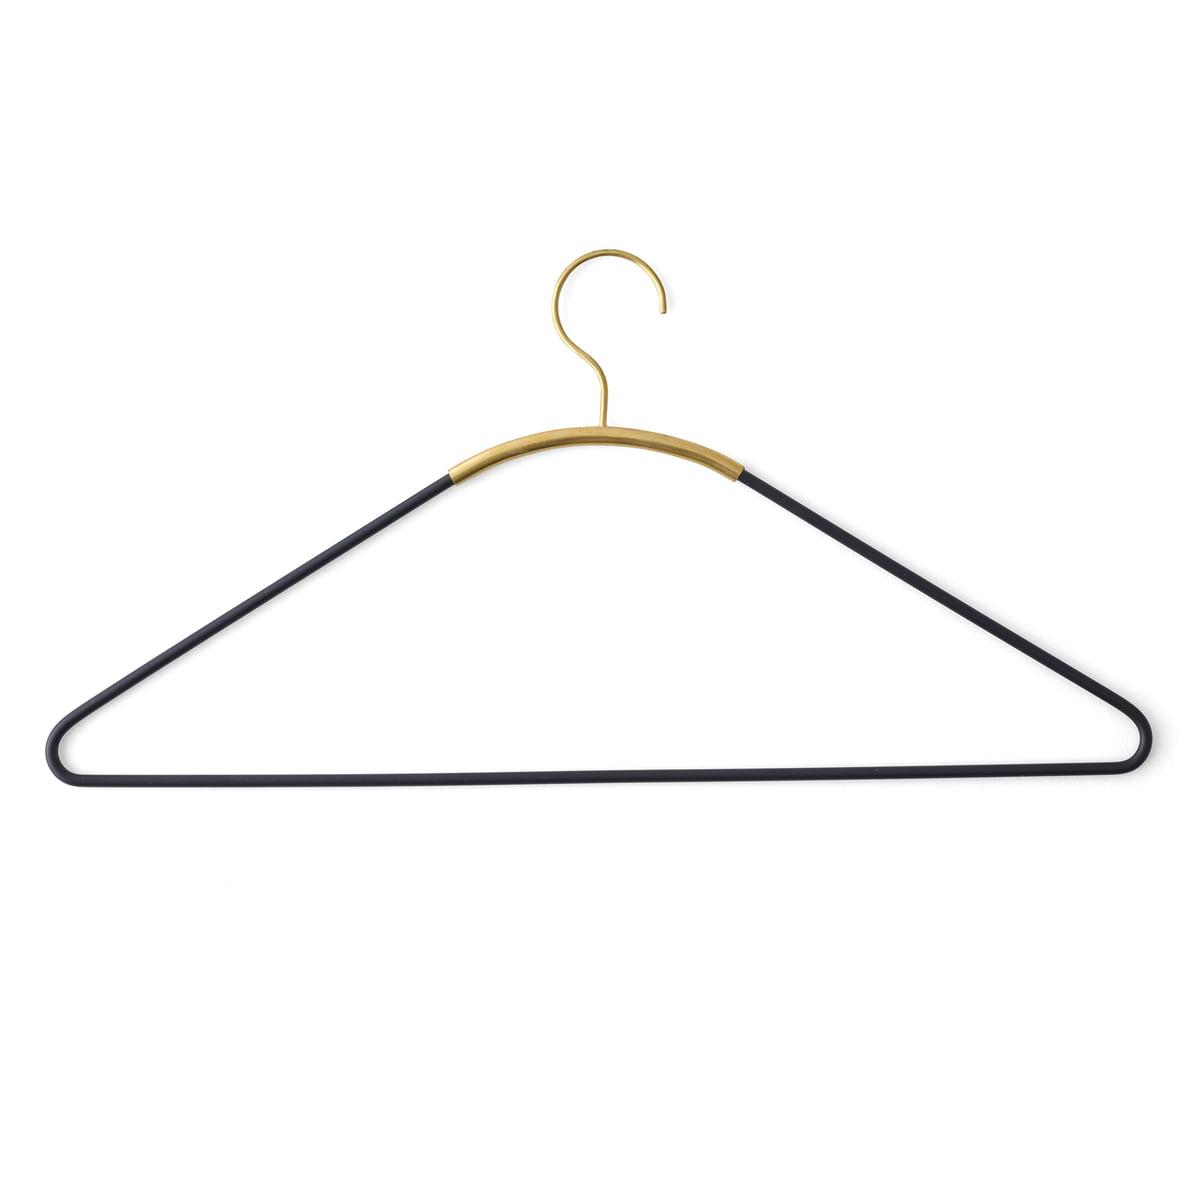 Menu - Ava Kleiderbügel, schwarz / Messing | Flur & Diele > Garderoben > Kleiderbügel | Messing | Stahl -  pulverbeschichtet| messing | Menu